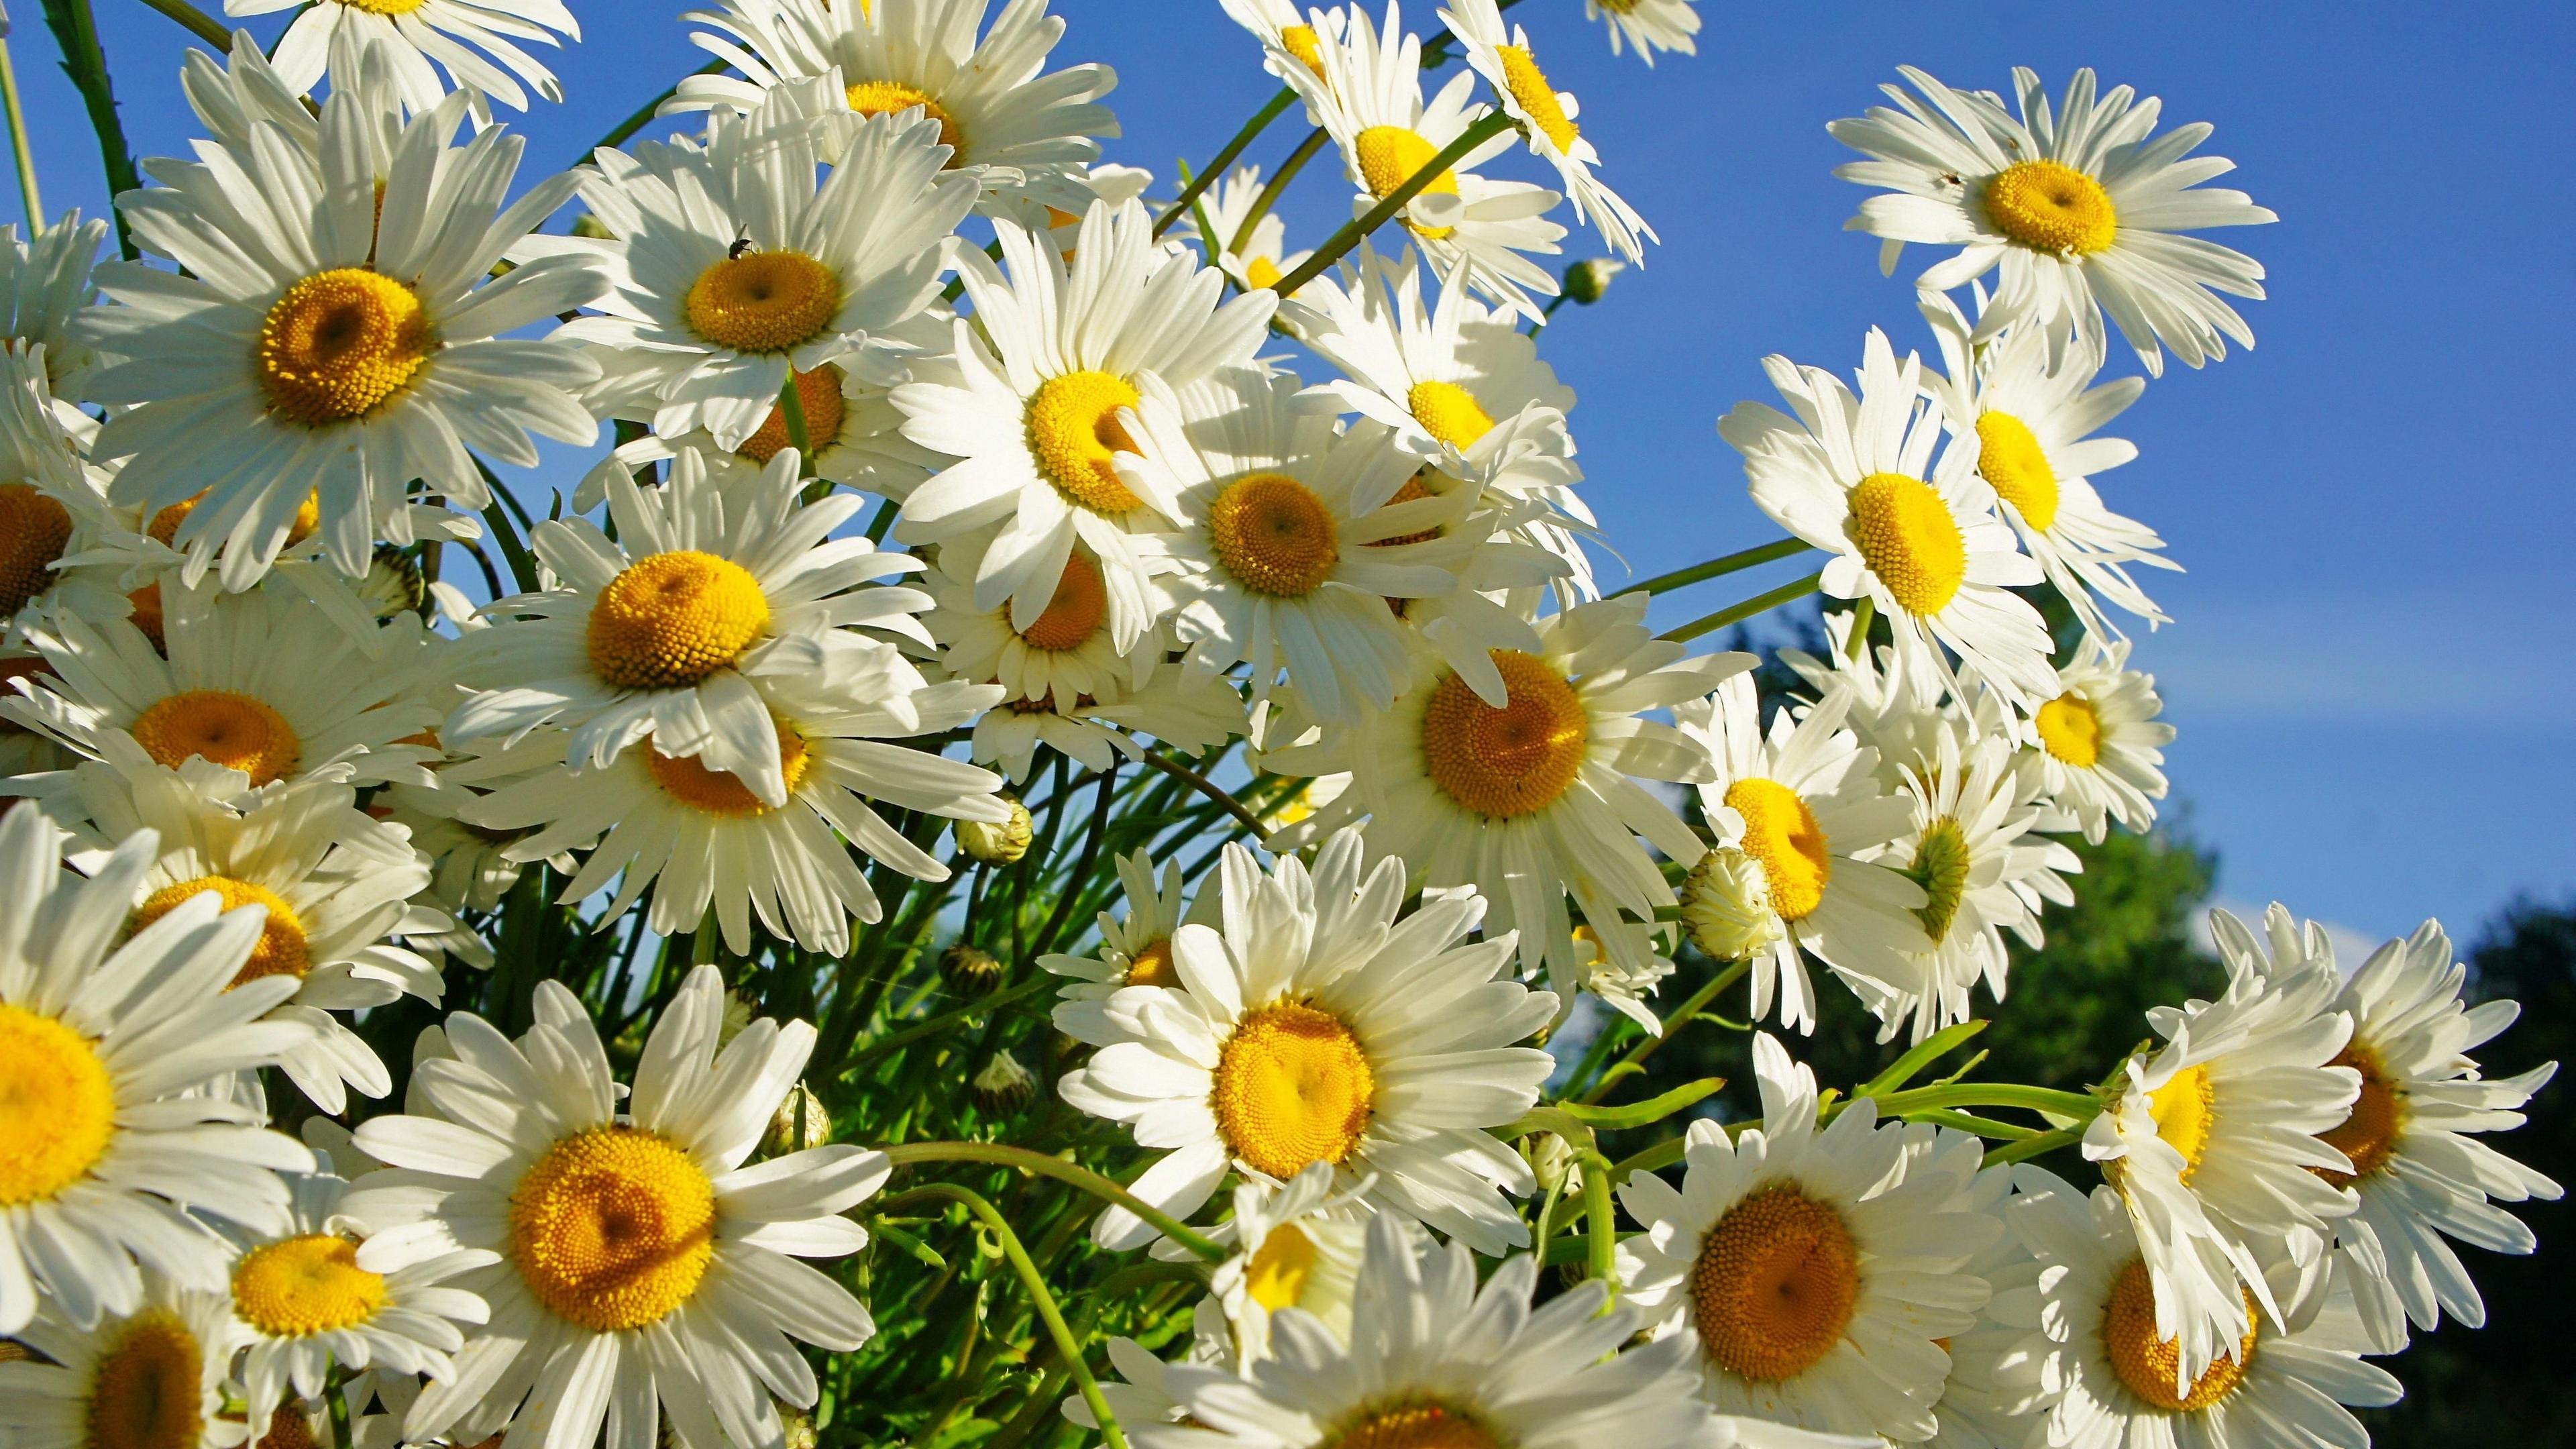 daisies flower sky sunny summer 4k 1540065157 - daisies, flower, sky, sunny, summer 4k - Sky, flower, Daisies